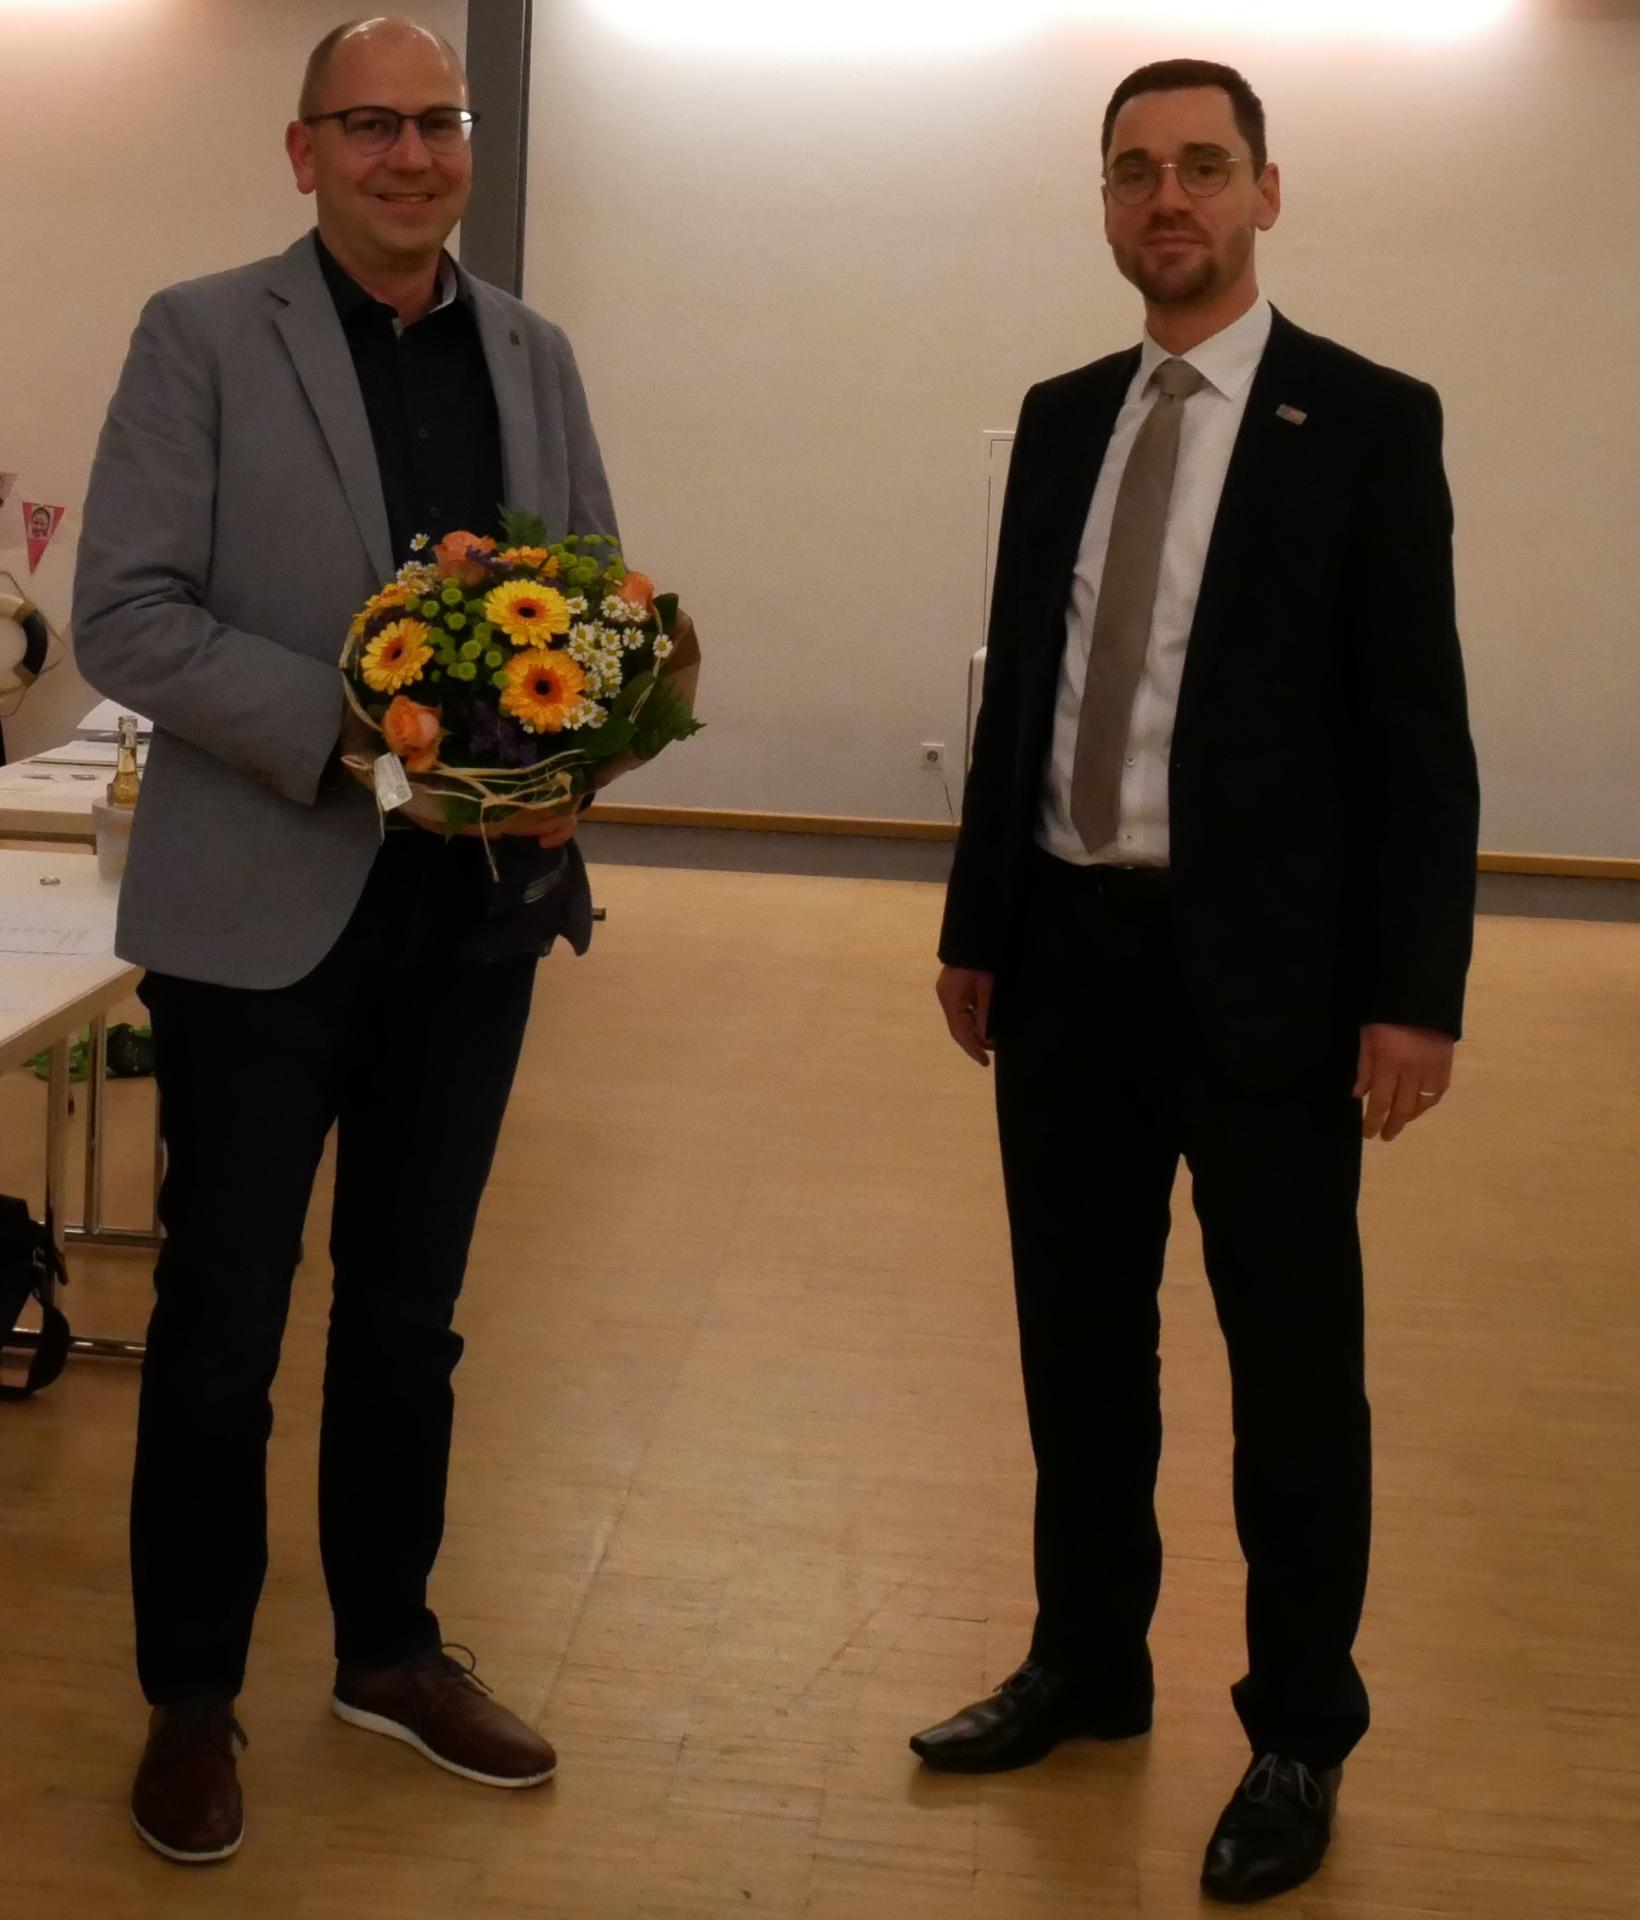 Der Vorsitzende der Gemeindevertretung Marco Herbert und Bürgermeister Florian Fritzsch